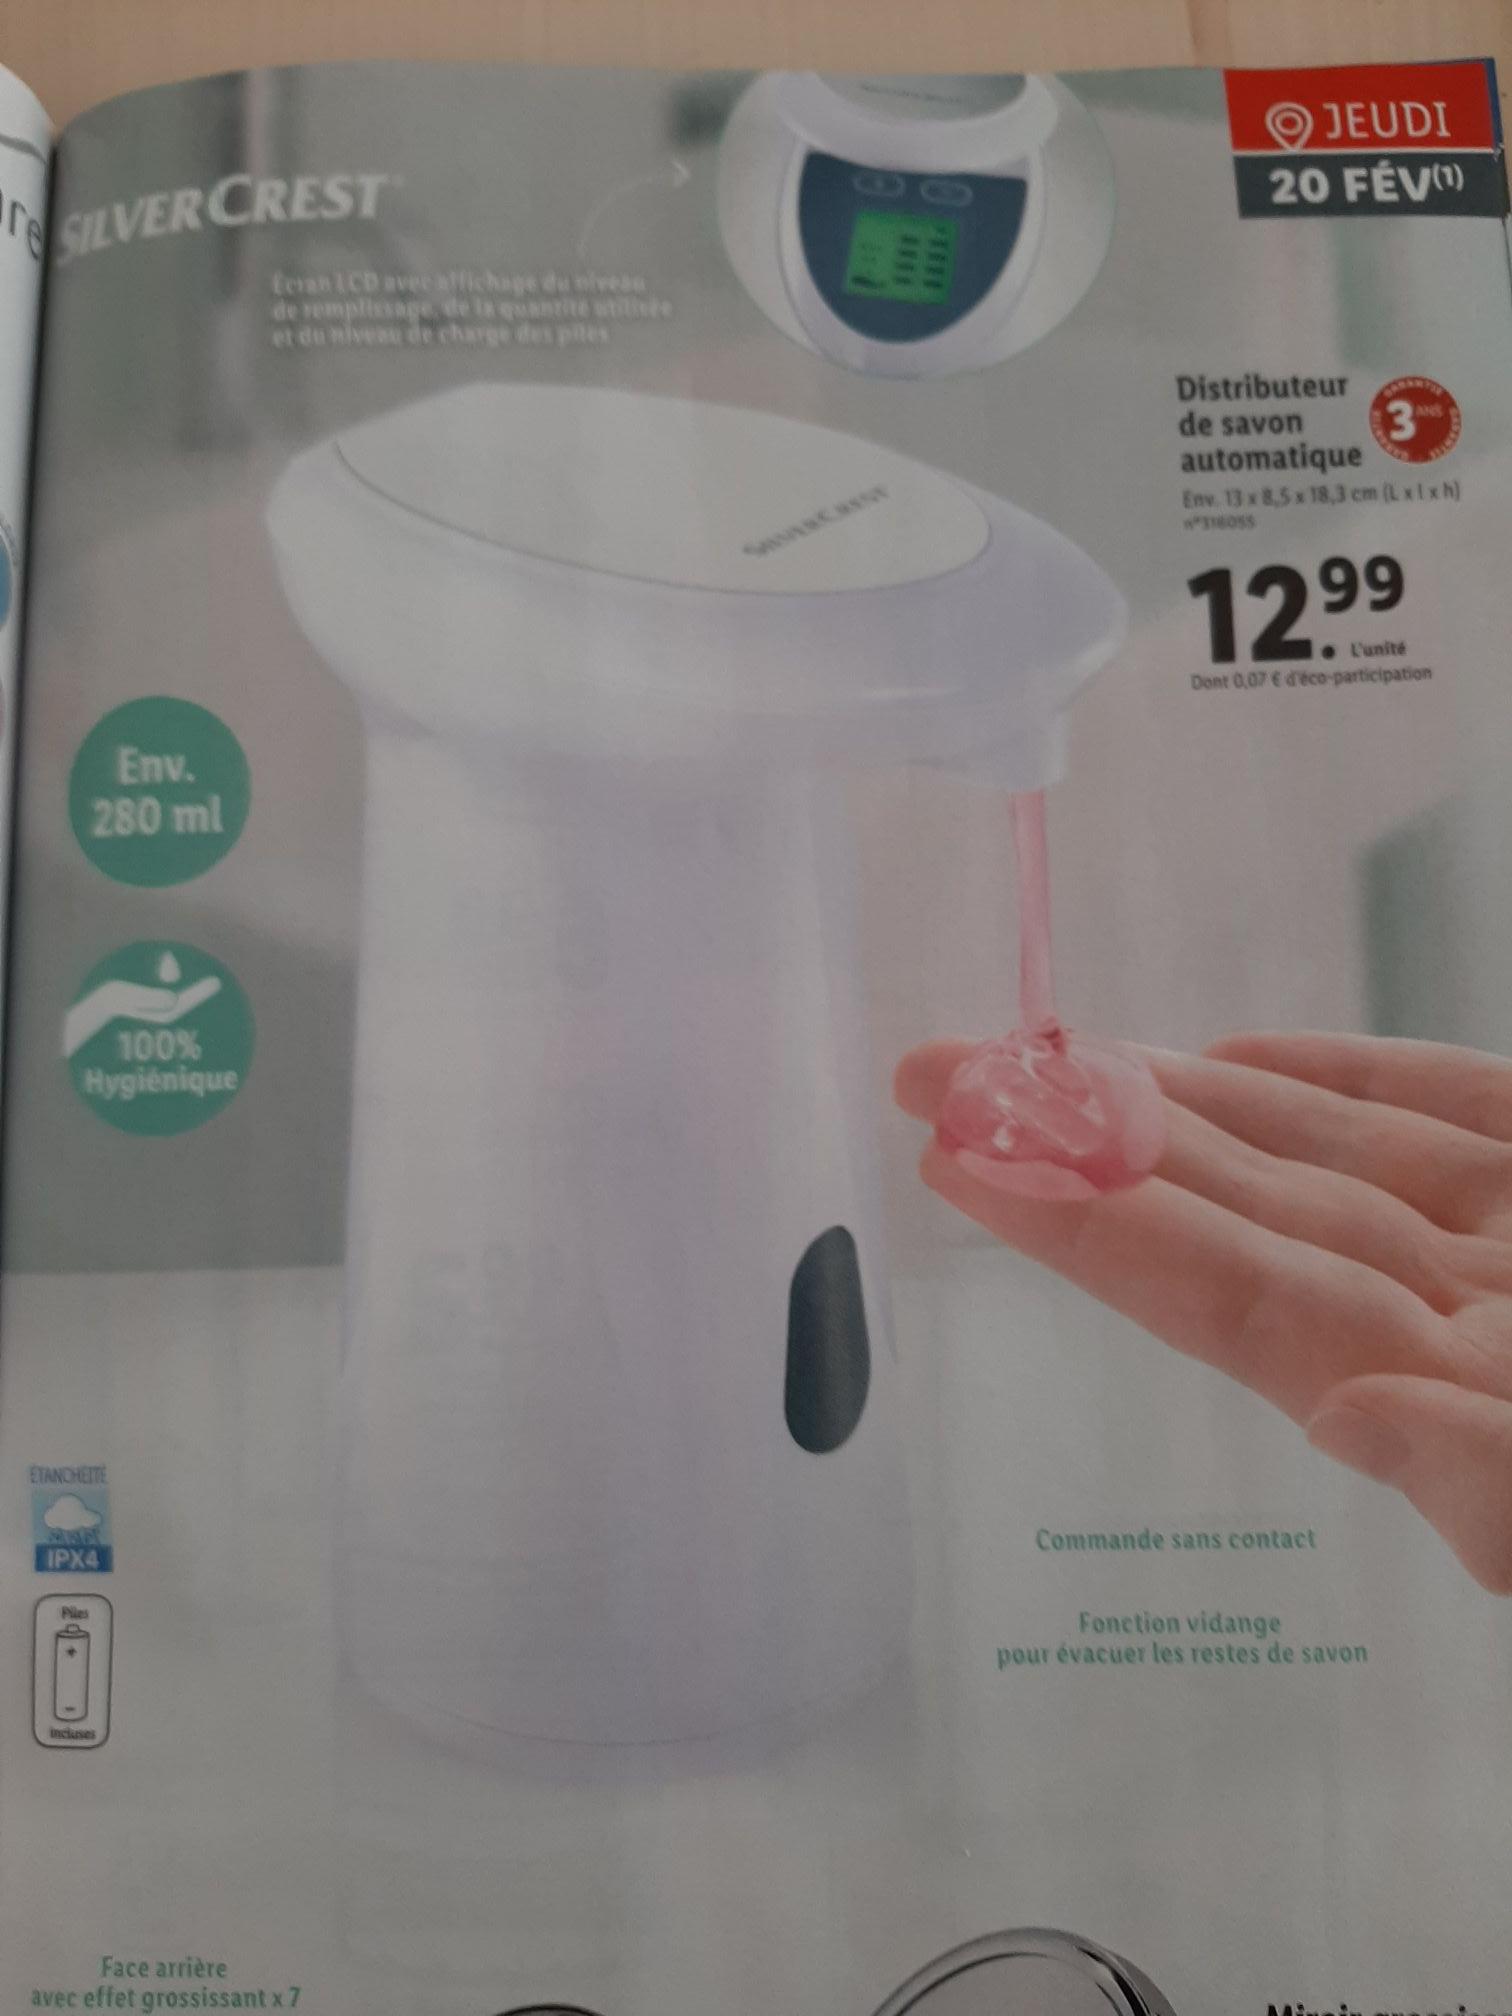 Distributeur de savon automatique Silvercrest avec détecteur et écran LCD - 280ml